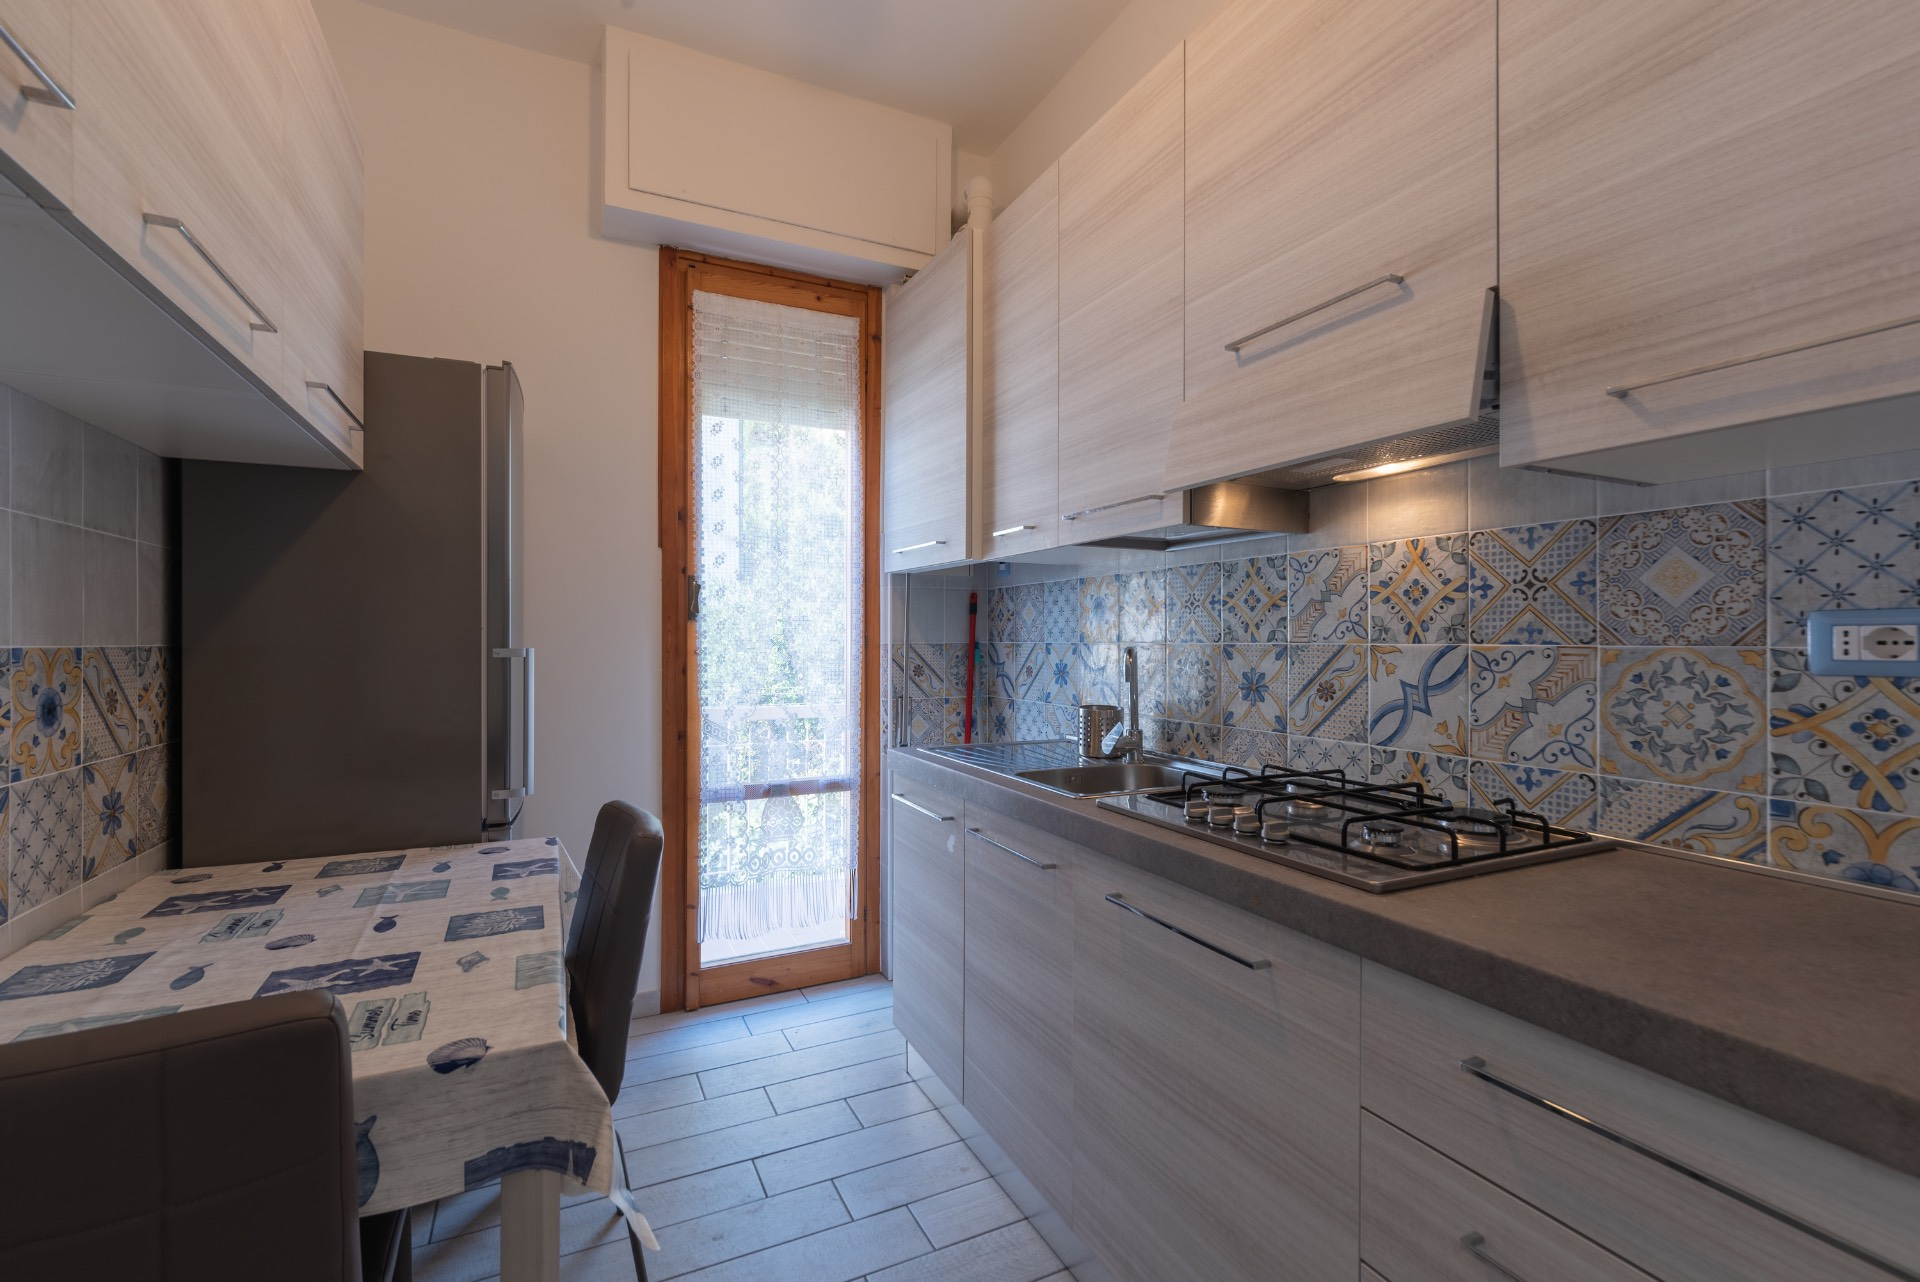 Appartamento in affitto a Varazze, 4 locali, zona Località: Varazze, prezzo € 1.200 | PortaleAgenzieImmobiliari.it